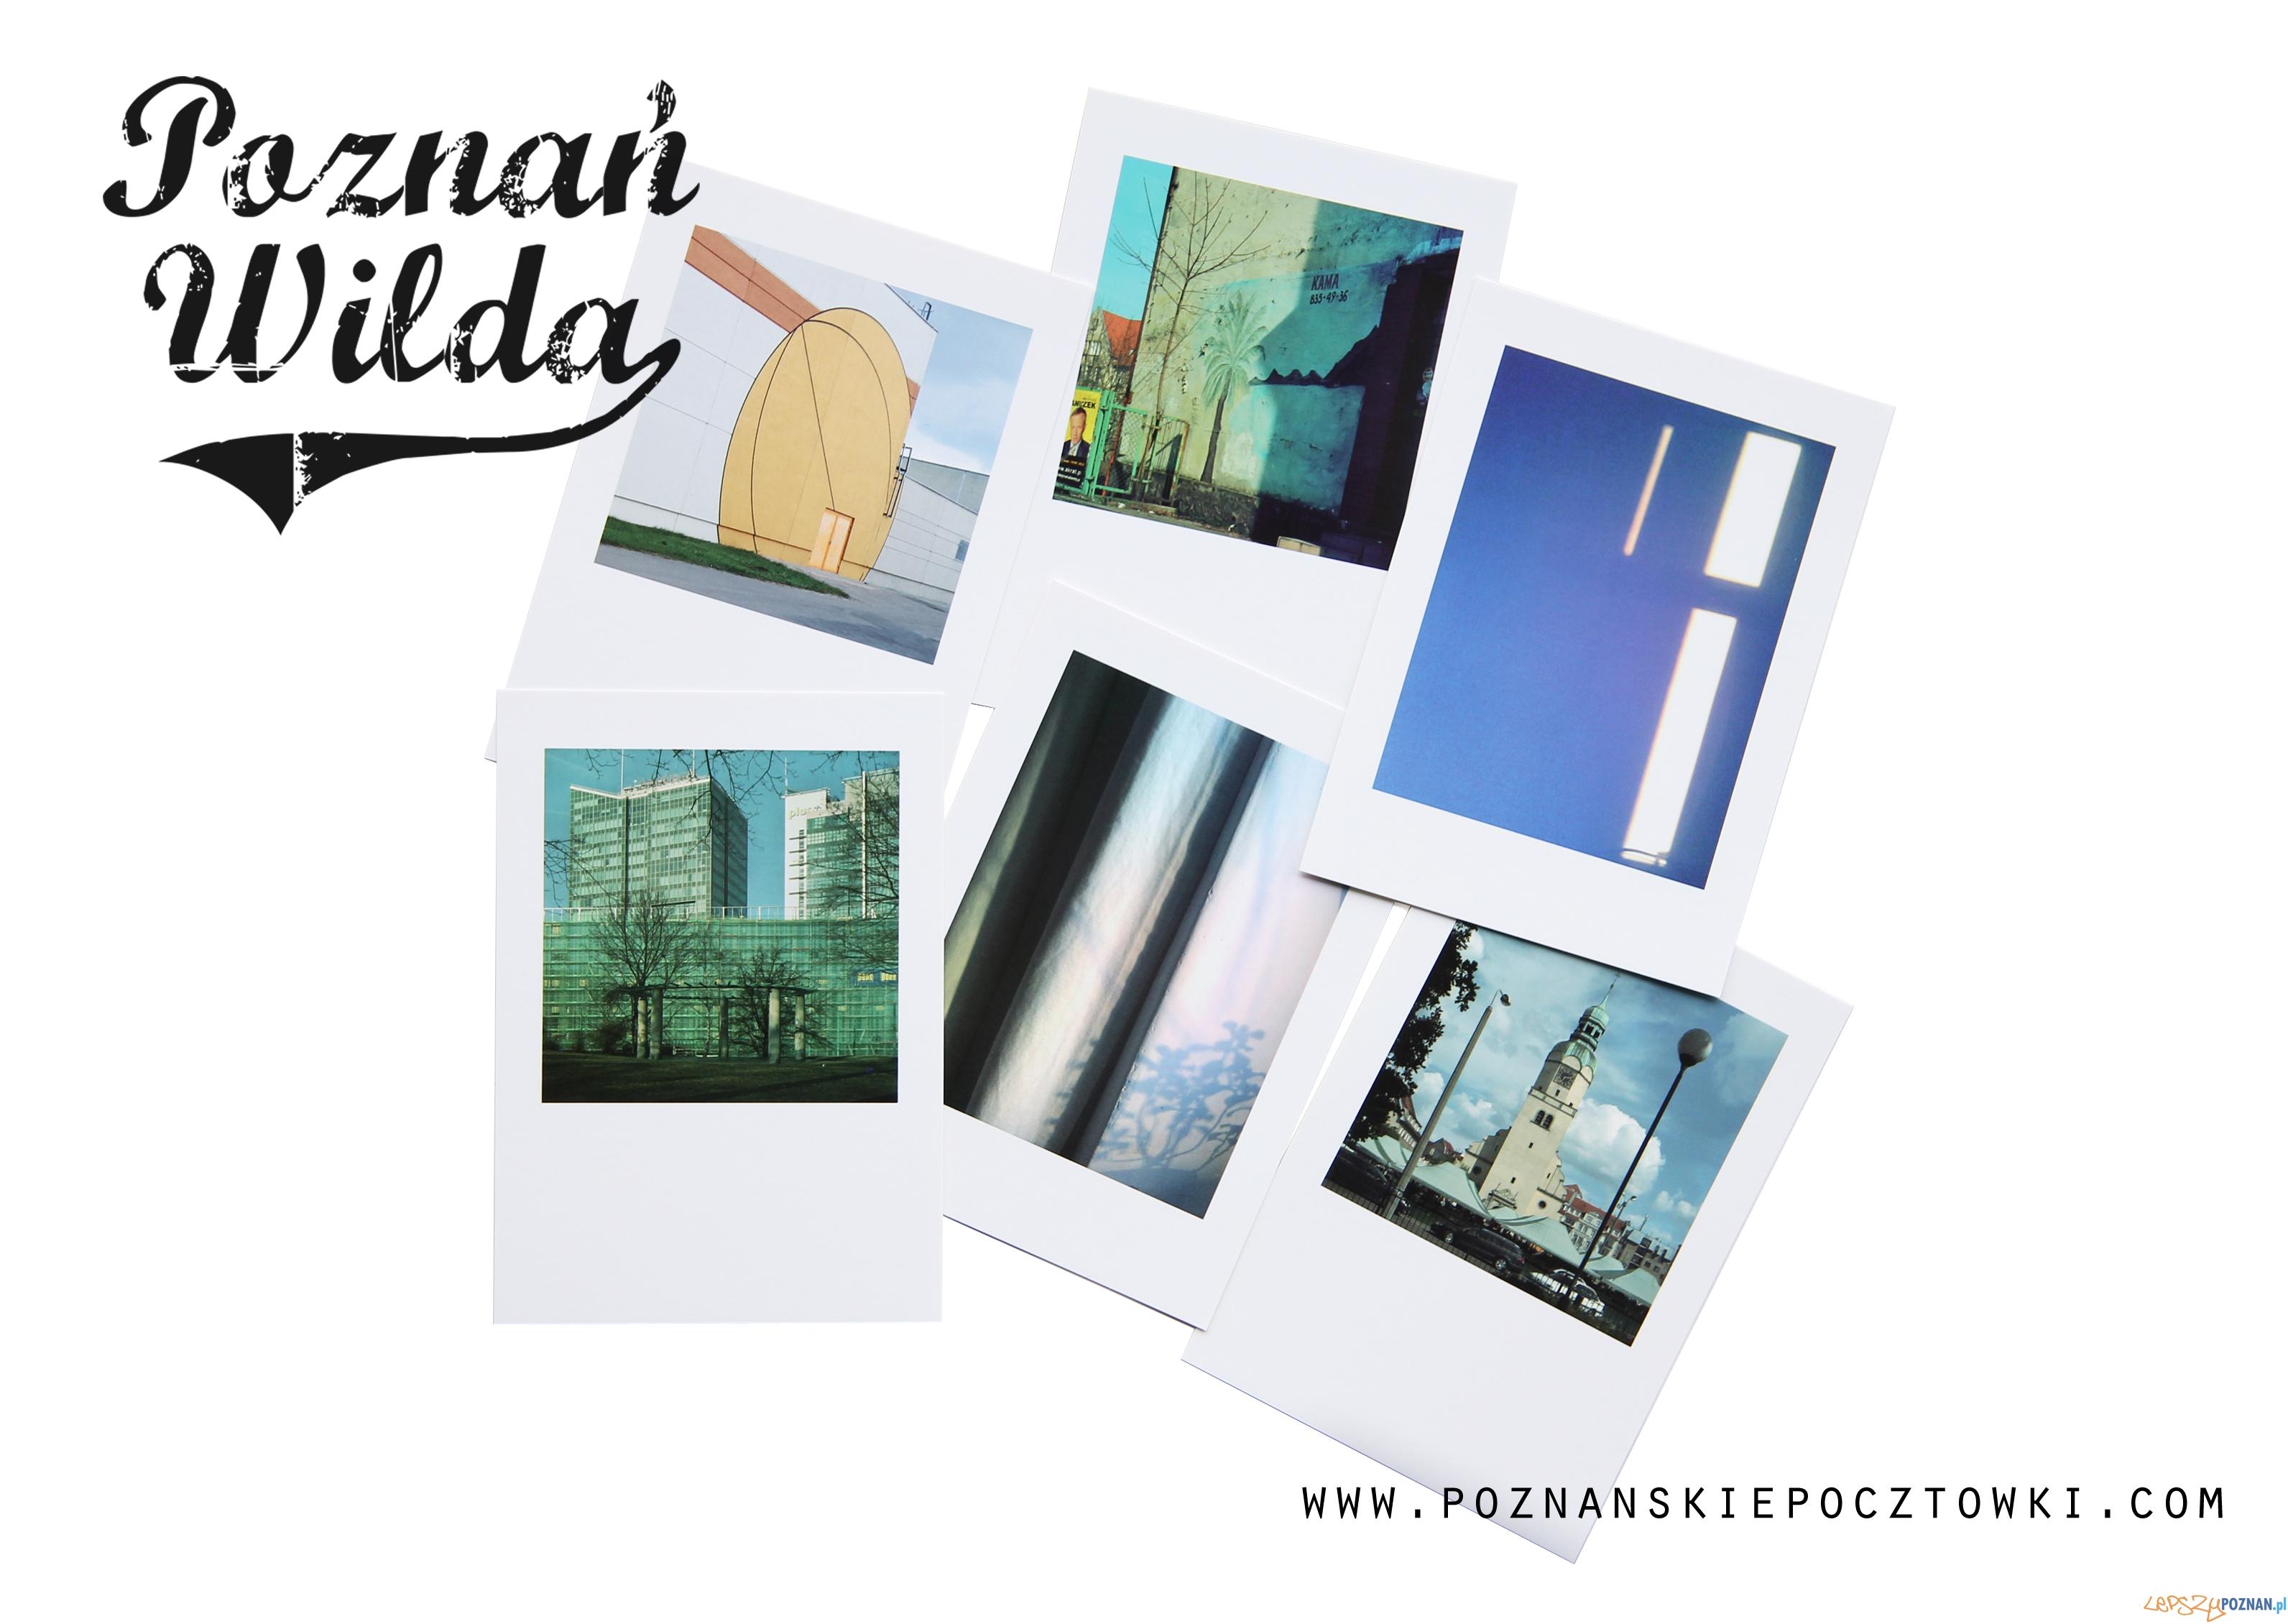 Poznańskie Pocztówki - Wilda  Foto: